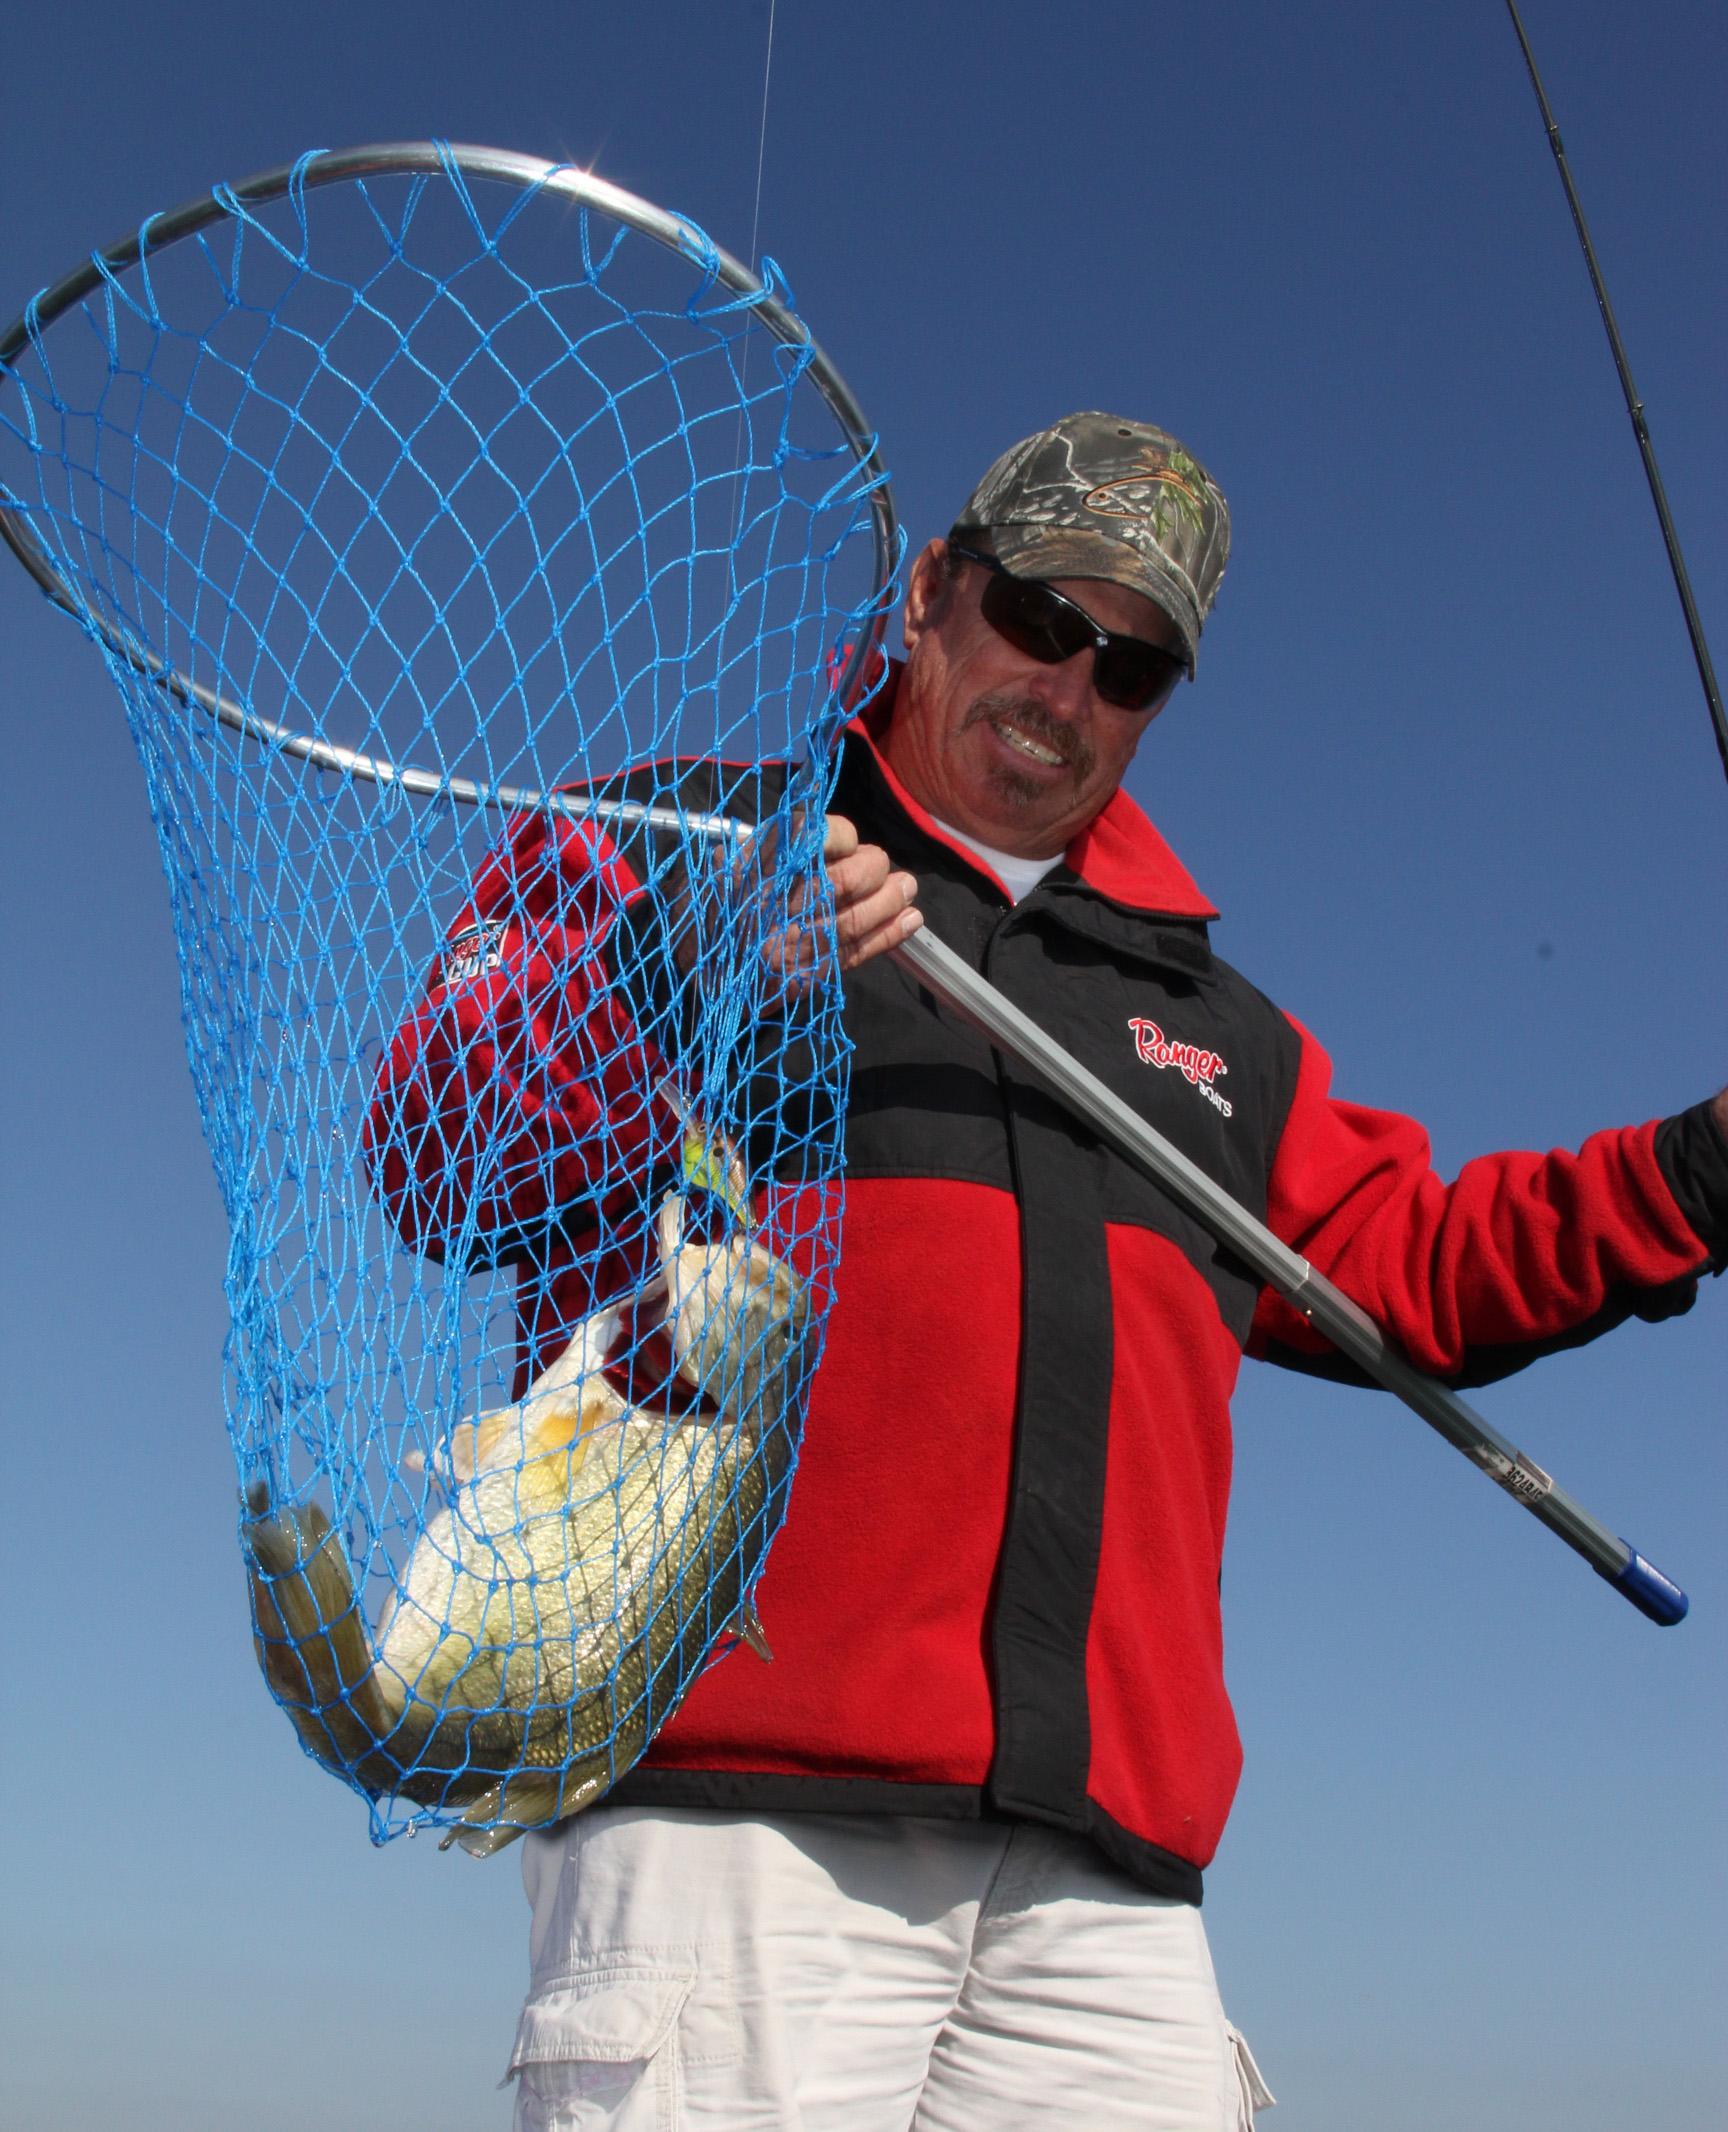 Lake elsinore the weekend report kramer gone fishing for Lake elsinore fishing report